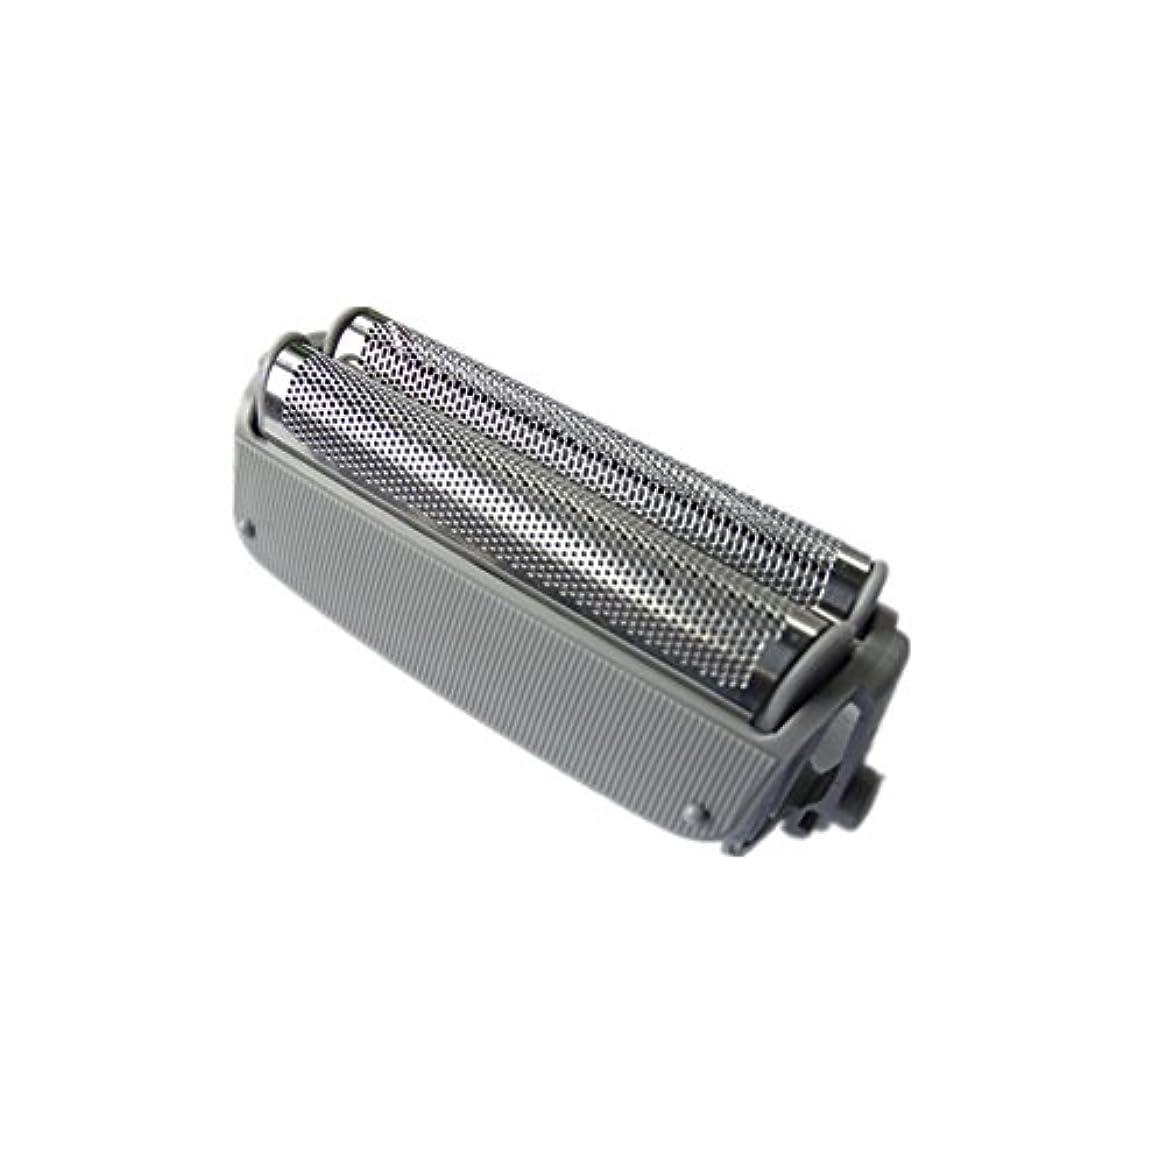 駐地無礼にビザHZjundasi Replacement Shaver Outer ホイル for Panasonic?ES4033/4035/4036/4027/RW30